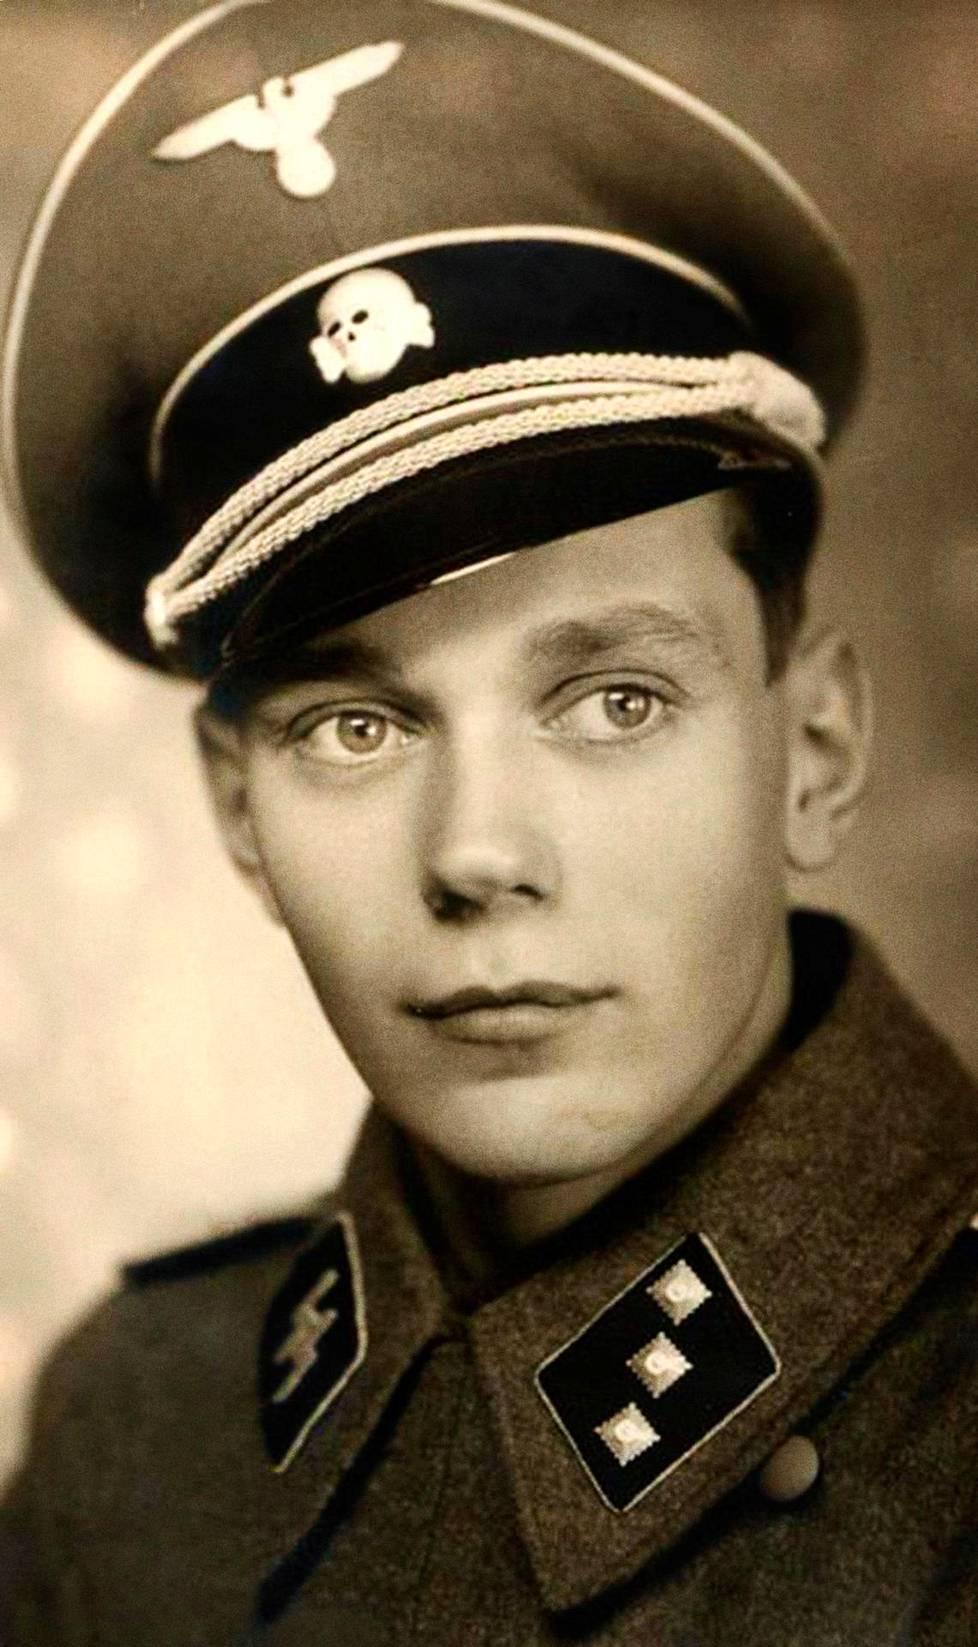 Lars Kihlströmin isä Lennart Kihlström taisteli vapaaehtoisena natsi-Saksan SS-joukoissa.